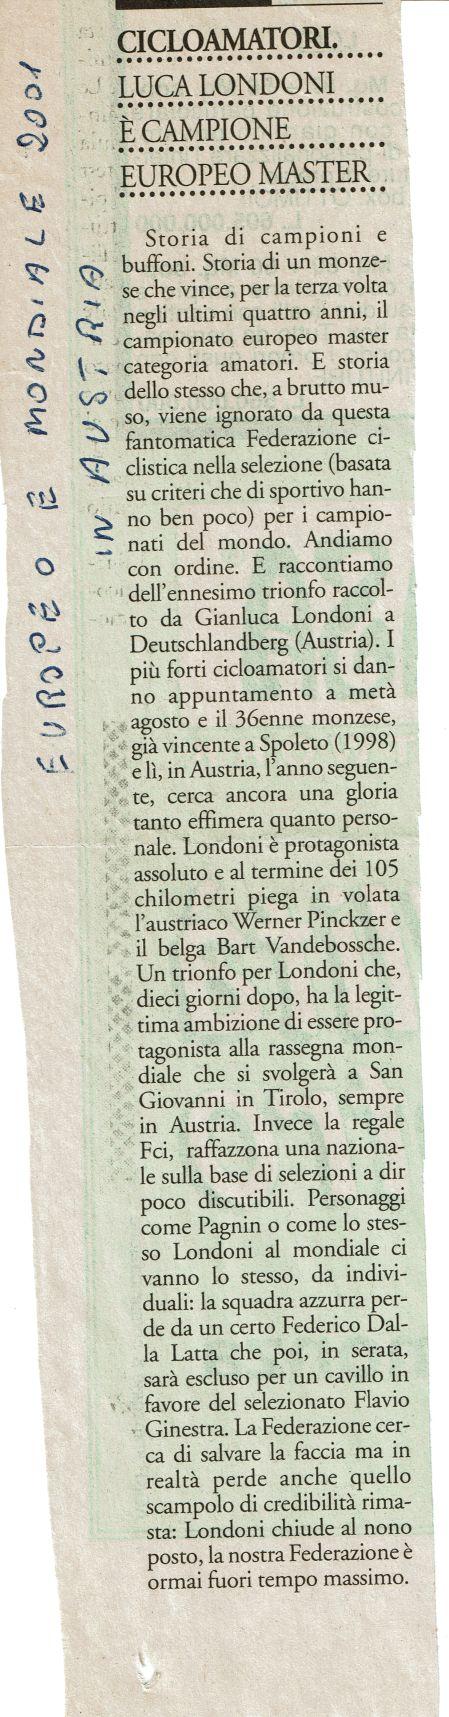 28 25 Agosto 2001 Austria 2001